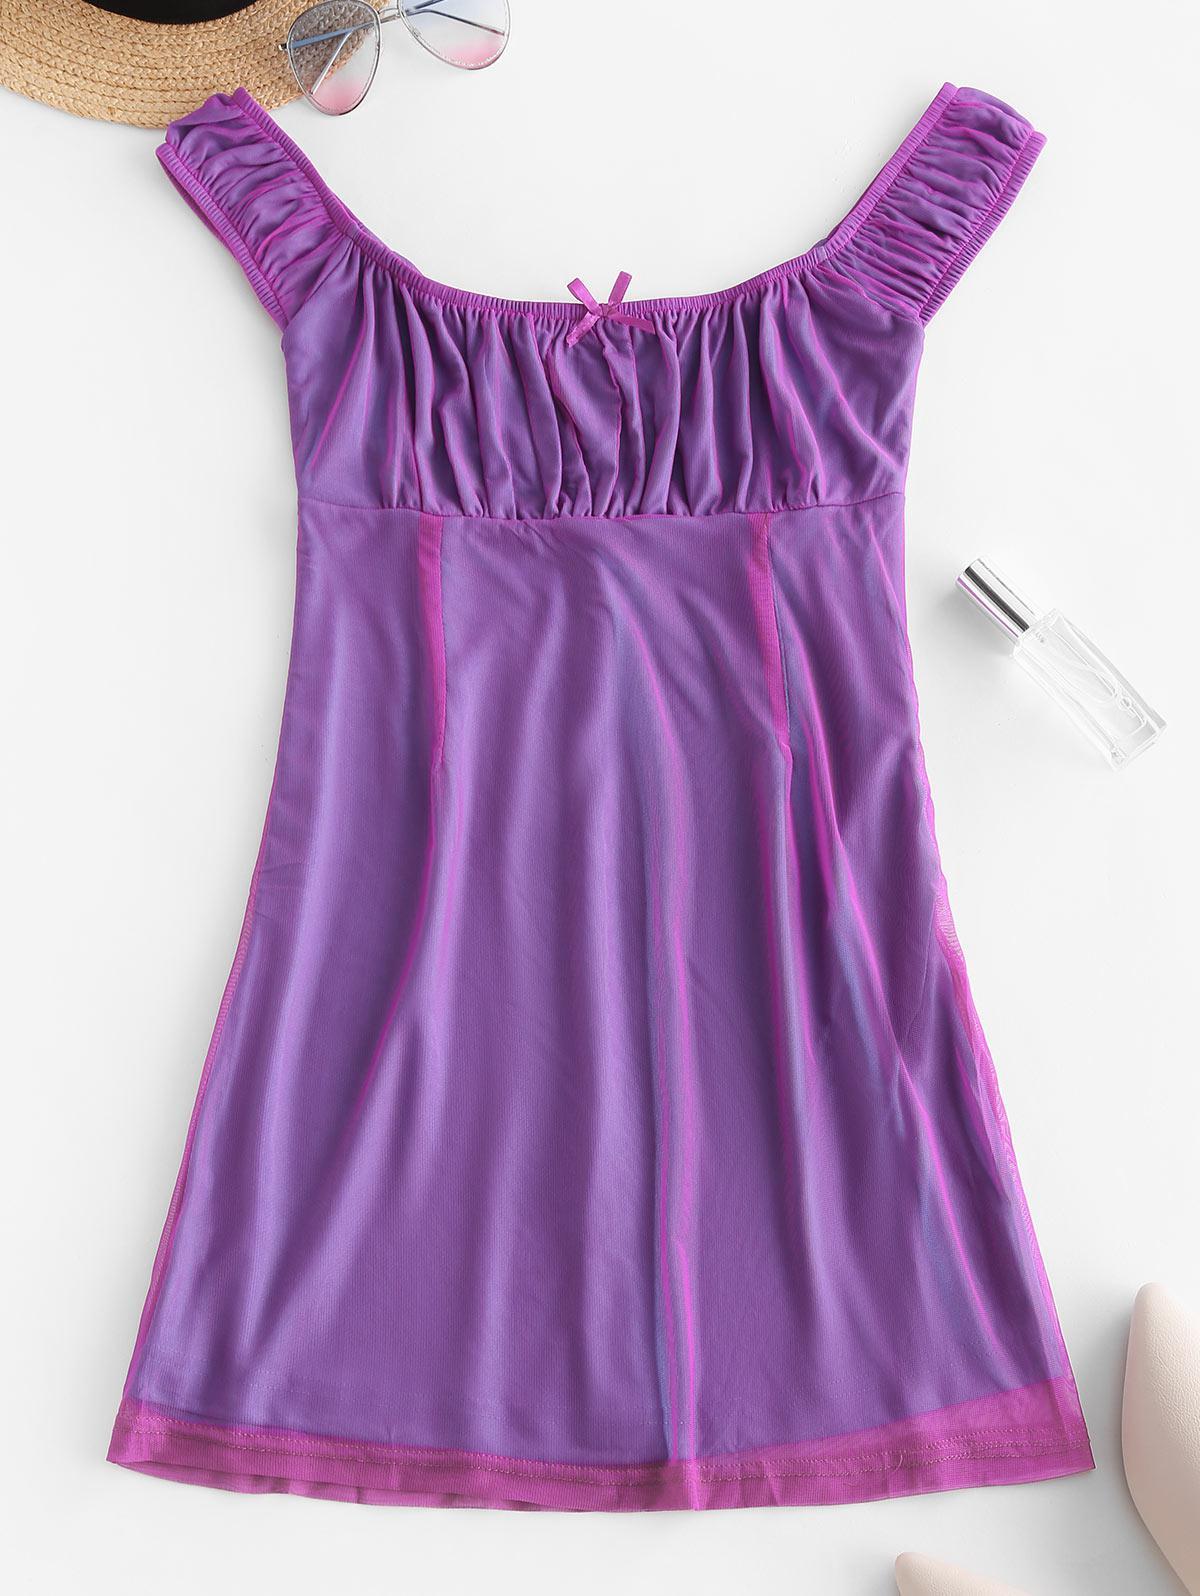 Low Cut Bowknot Mesh Mini Dress